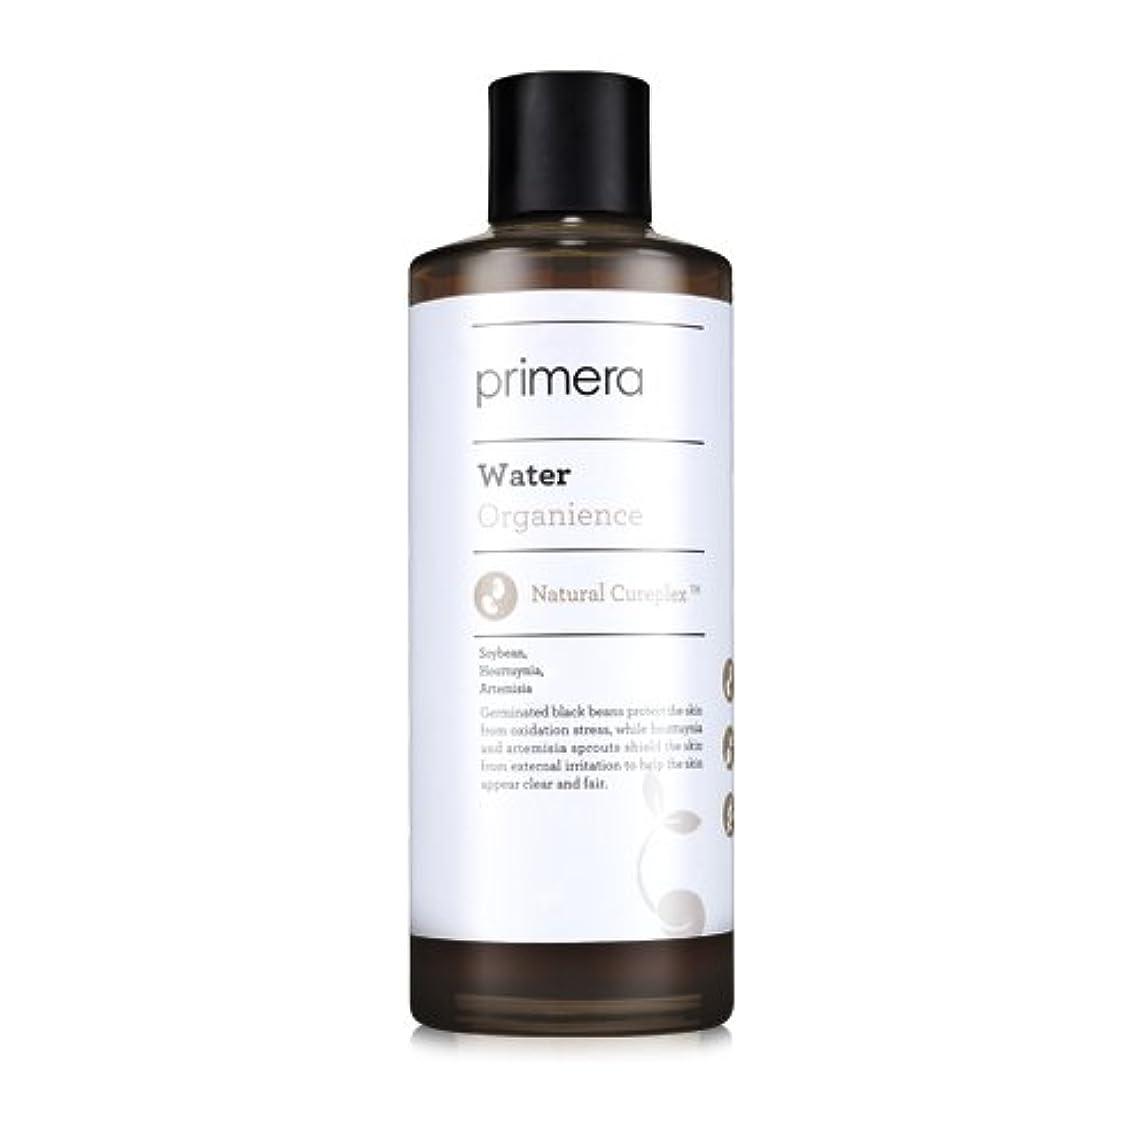 ランドマークロゴ冷淡なPRIMERA プリメラ オーガニエンス エマルジョン(Organience Emulsion)乳液 150ml